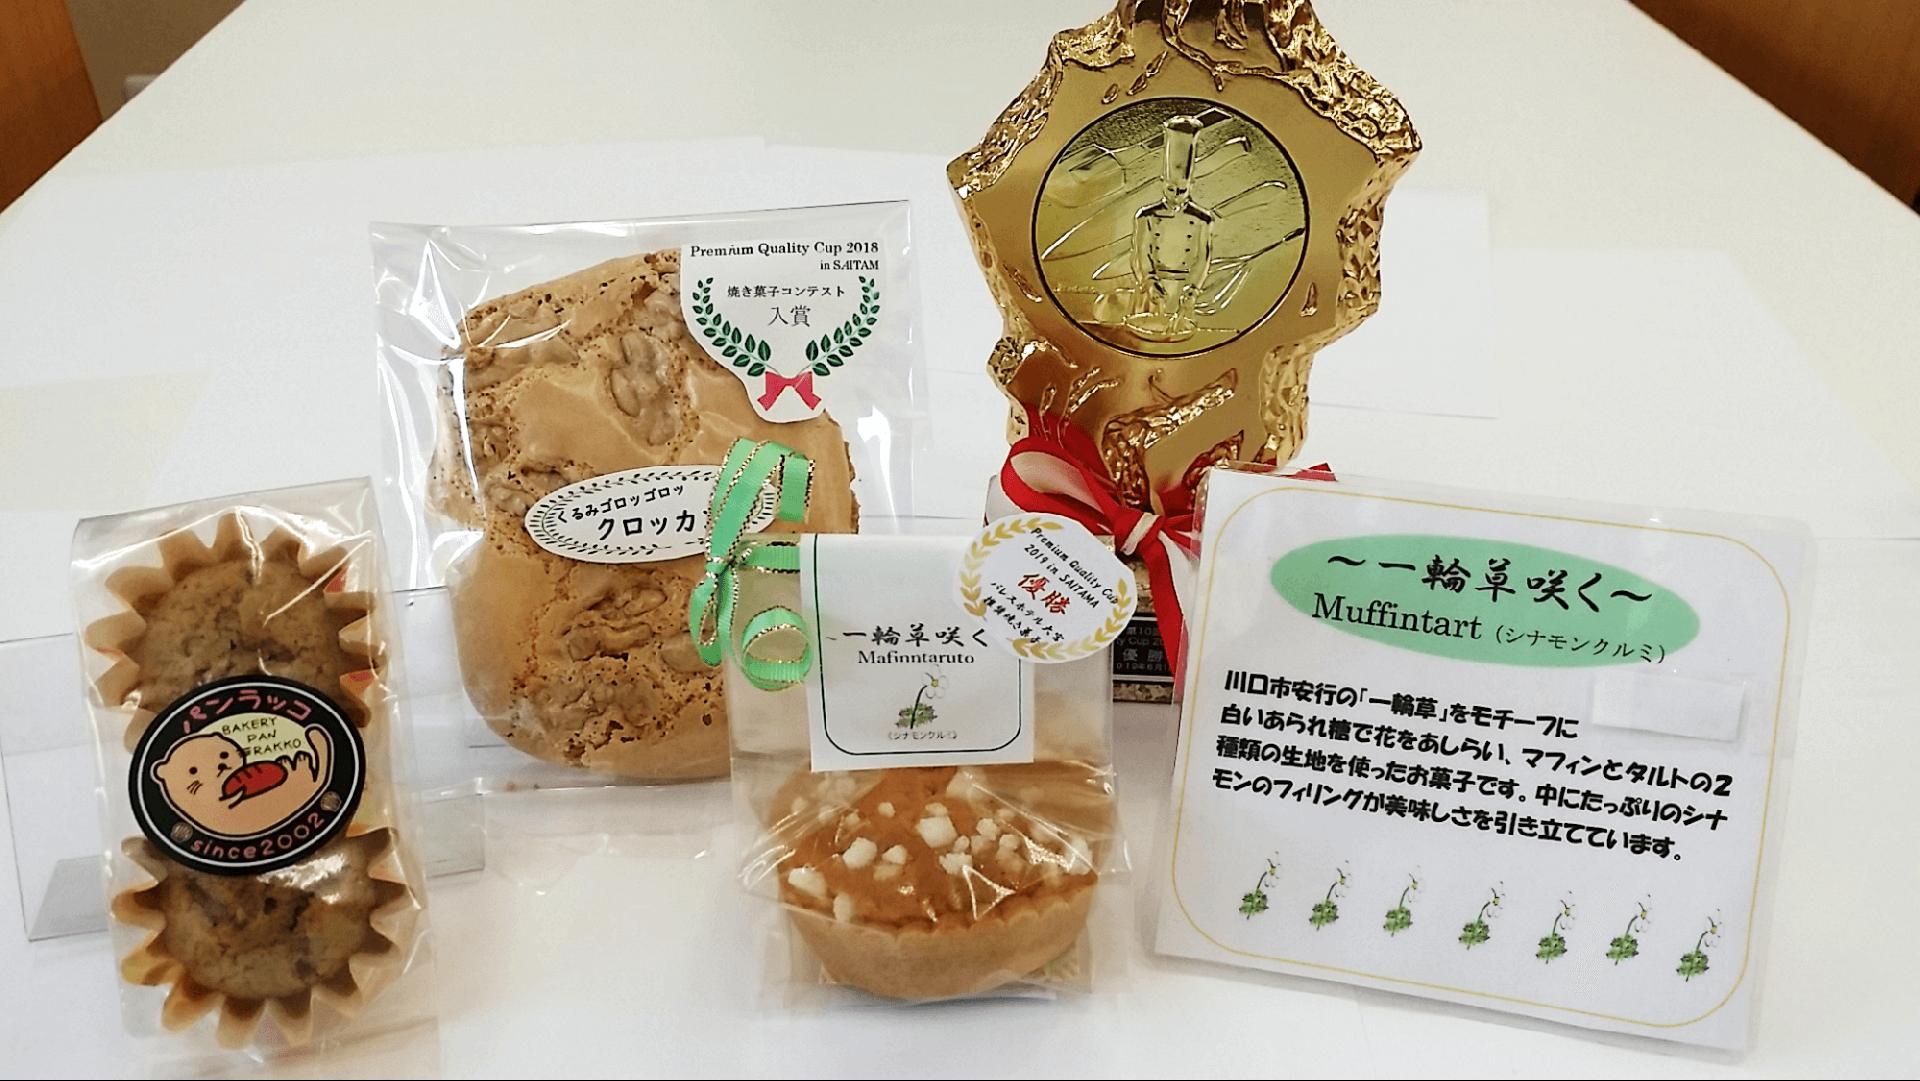 優勝3商品(Premium Quality Cup in埼玉 焼き菓子コンテスト受賞商品)